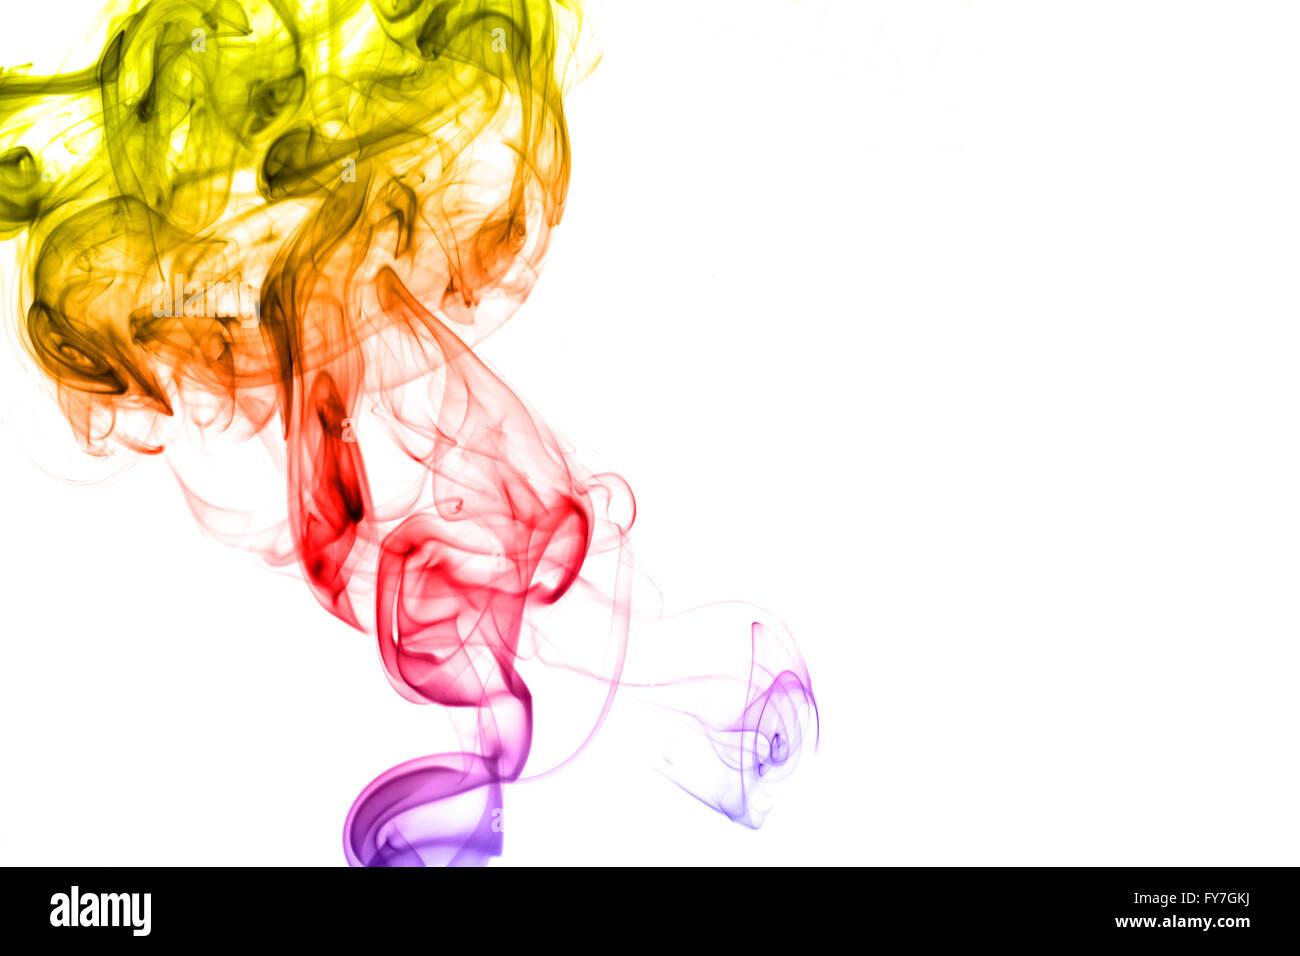 Rainbow smoke isolated on white background - Stock Image